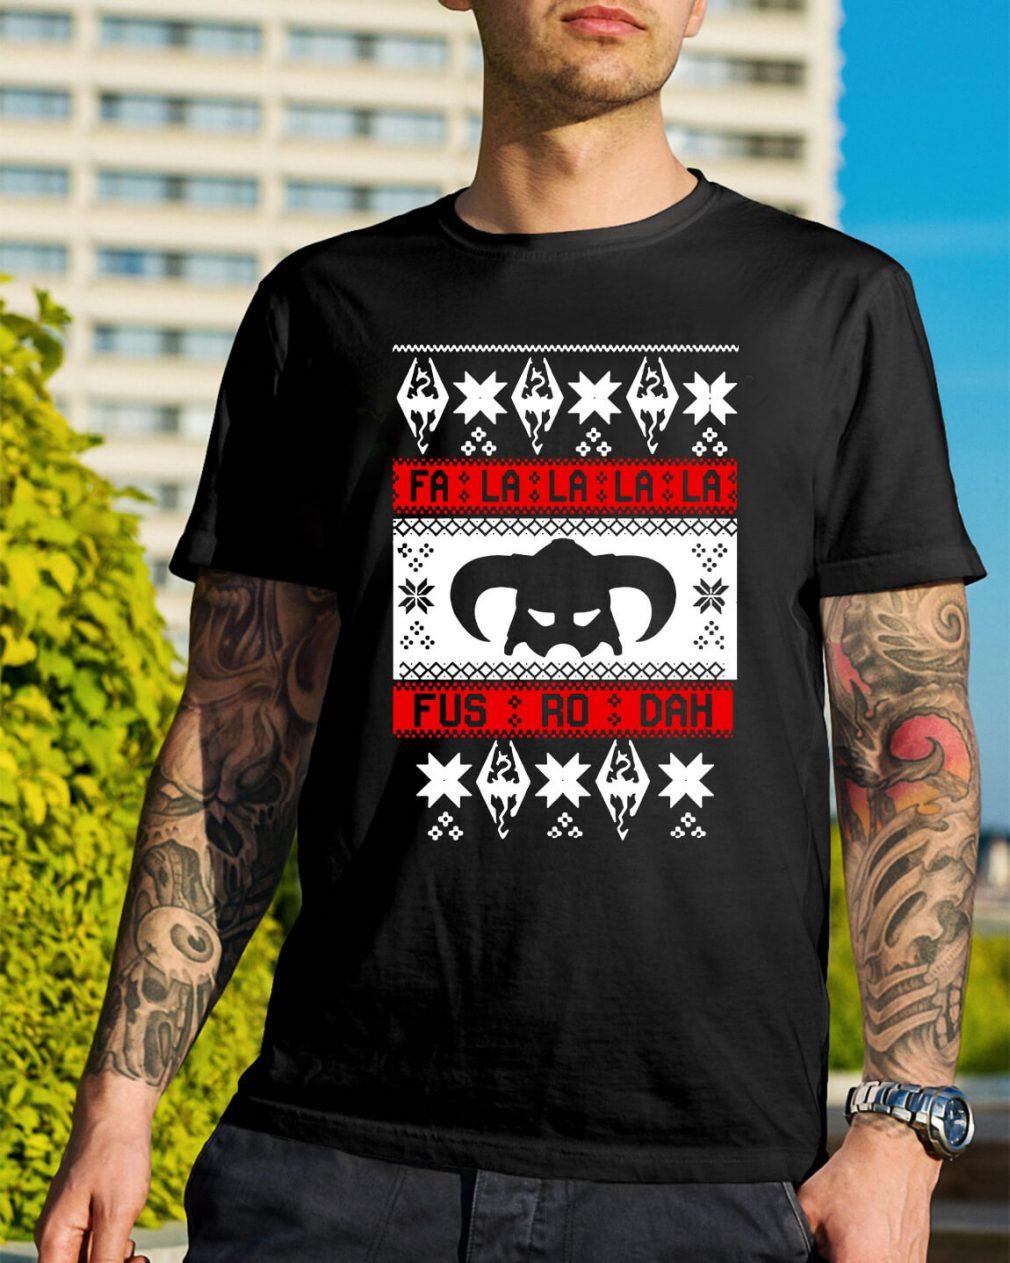 Fa la la la la Fus RO dah ugly Christmas Guys Shirt